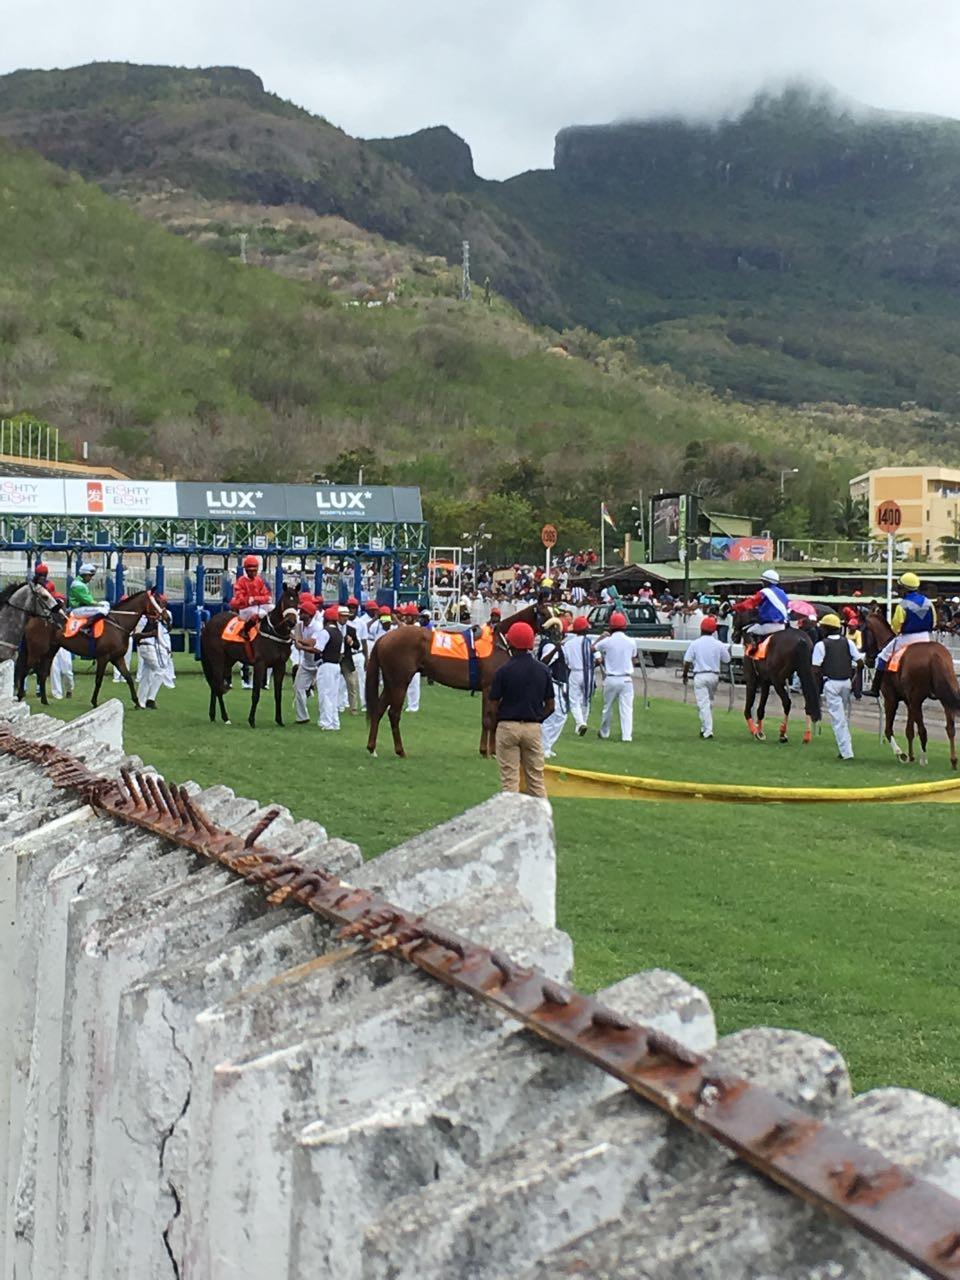 Schaulaufen der Pferde vor dem Rennen